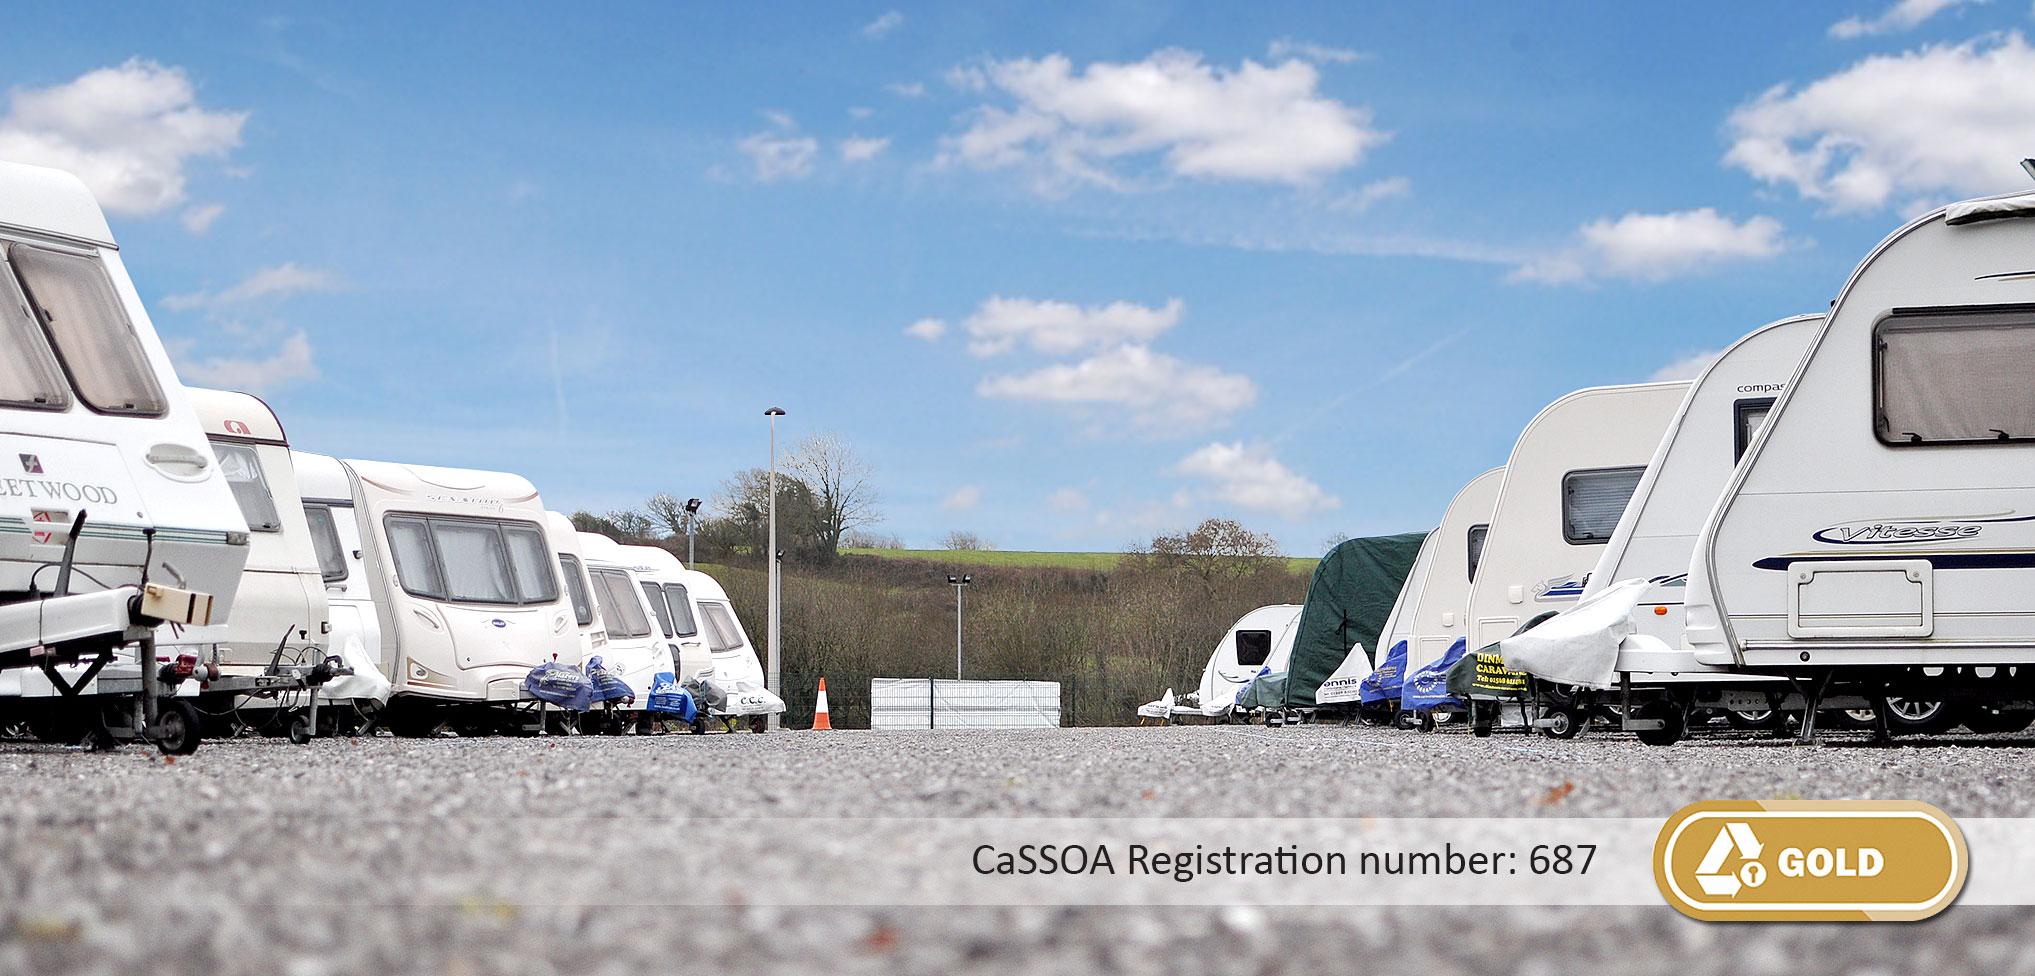 Caravan Storage Wales Image